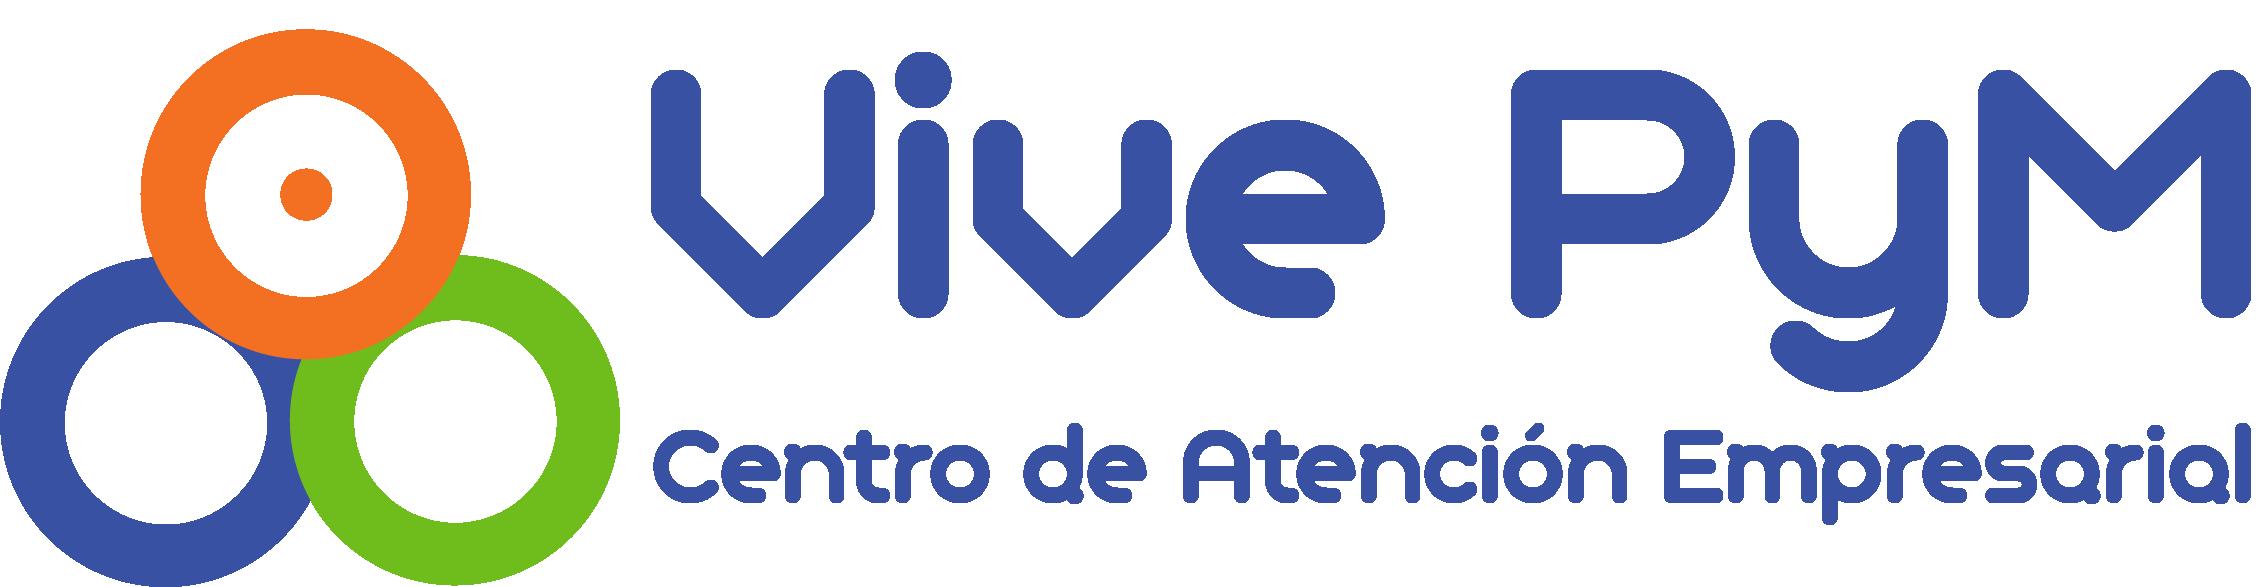 Vive Publicidad & Mercadeo